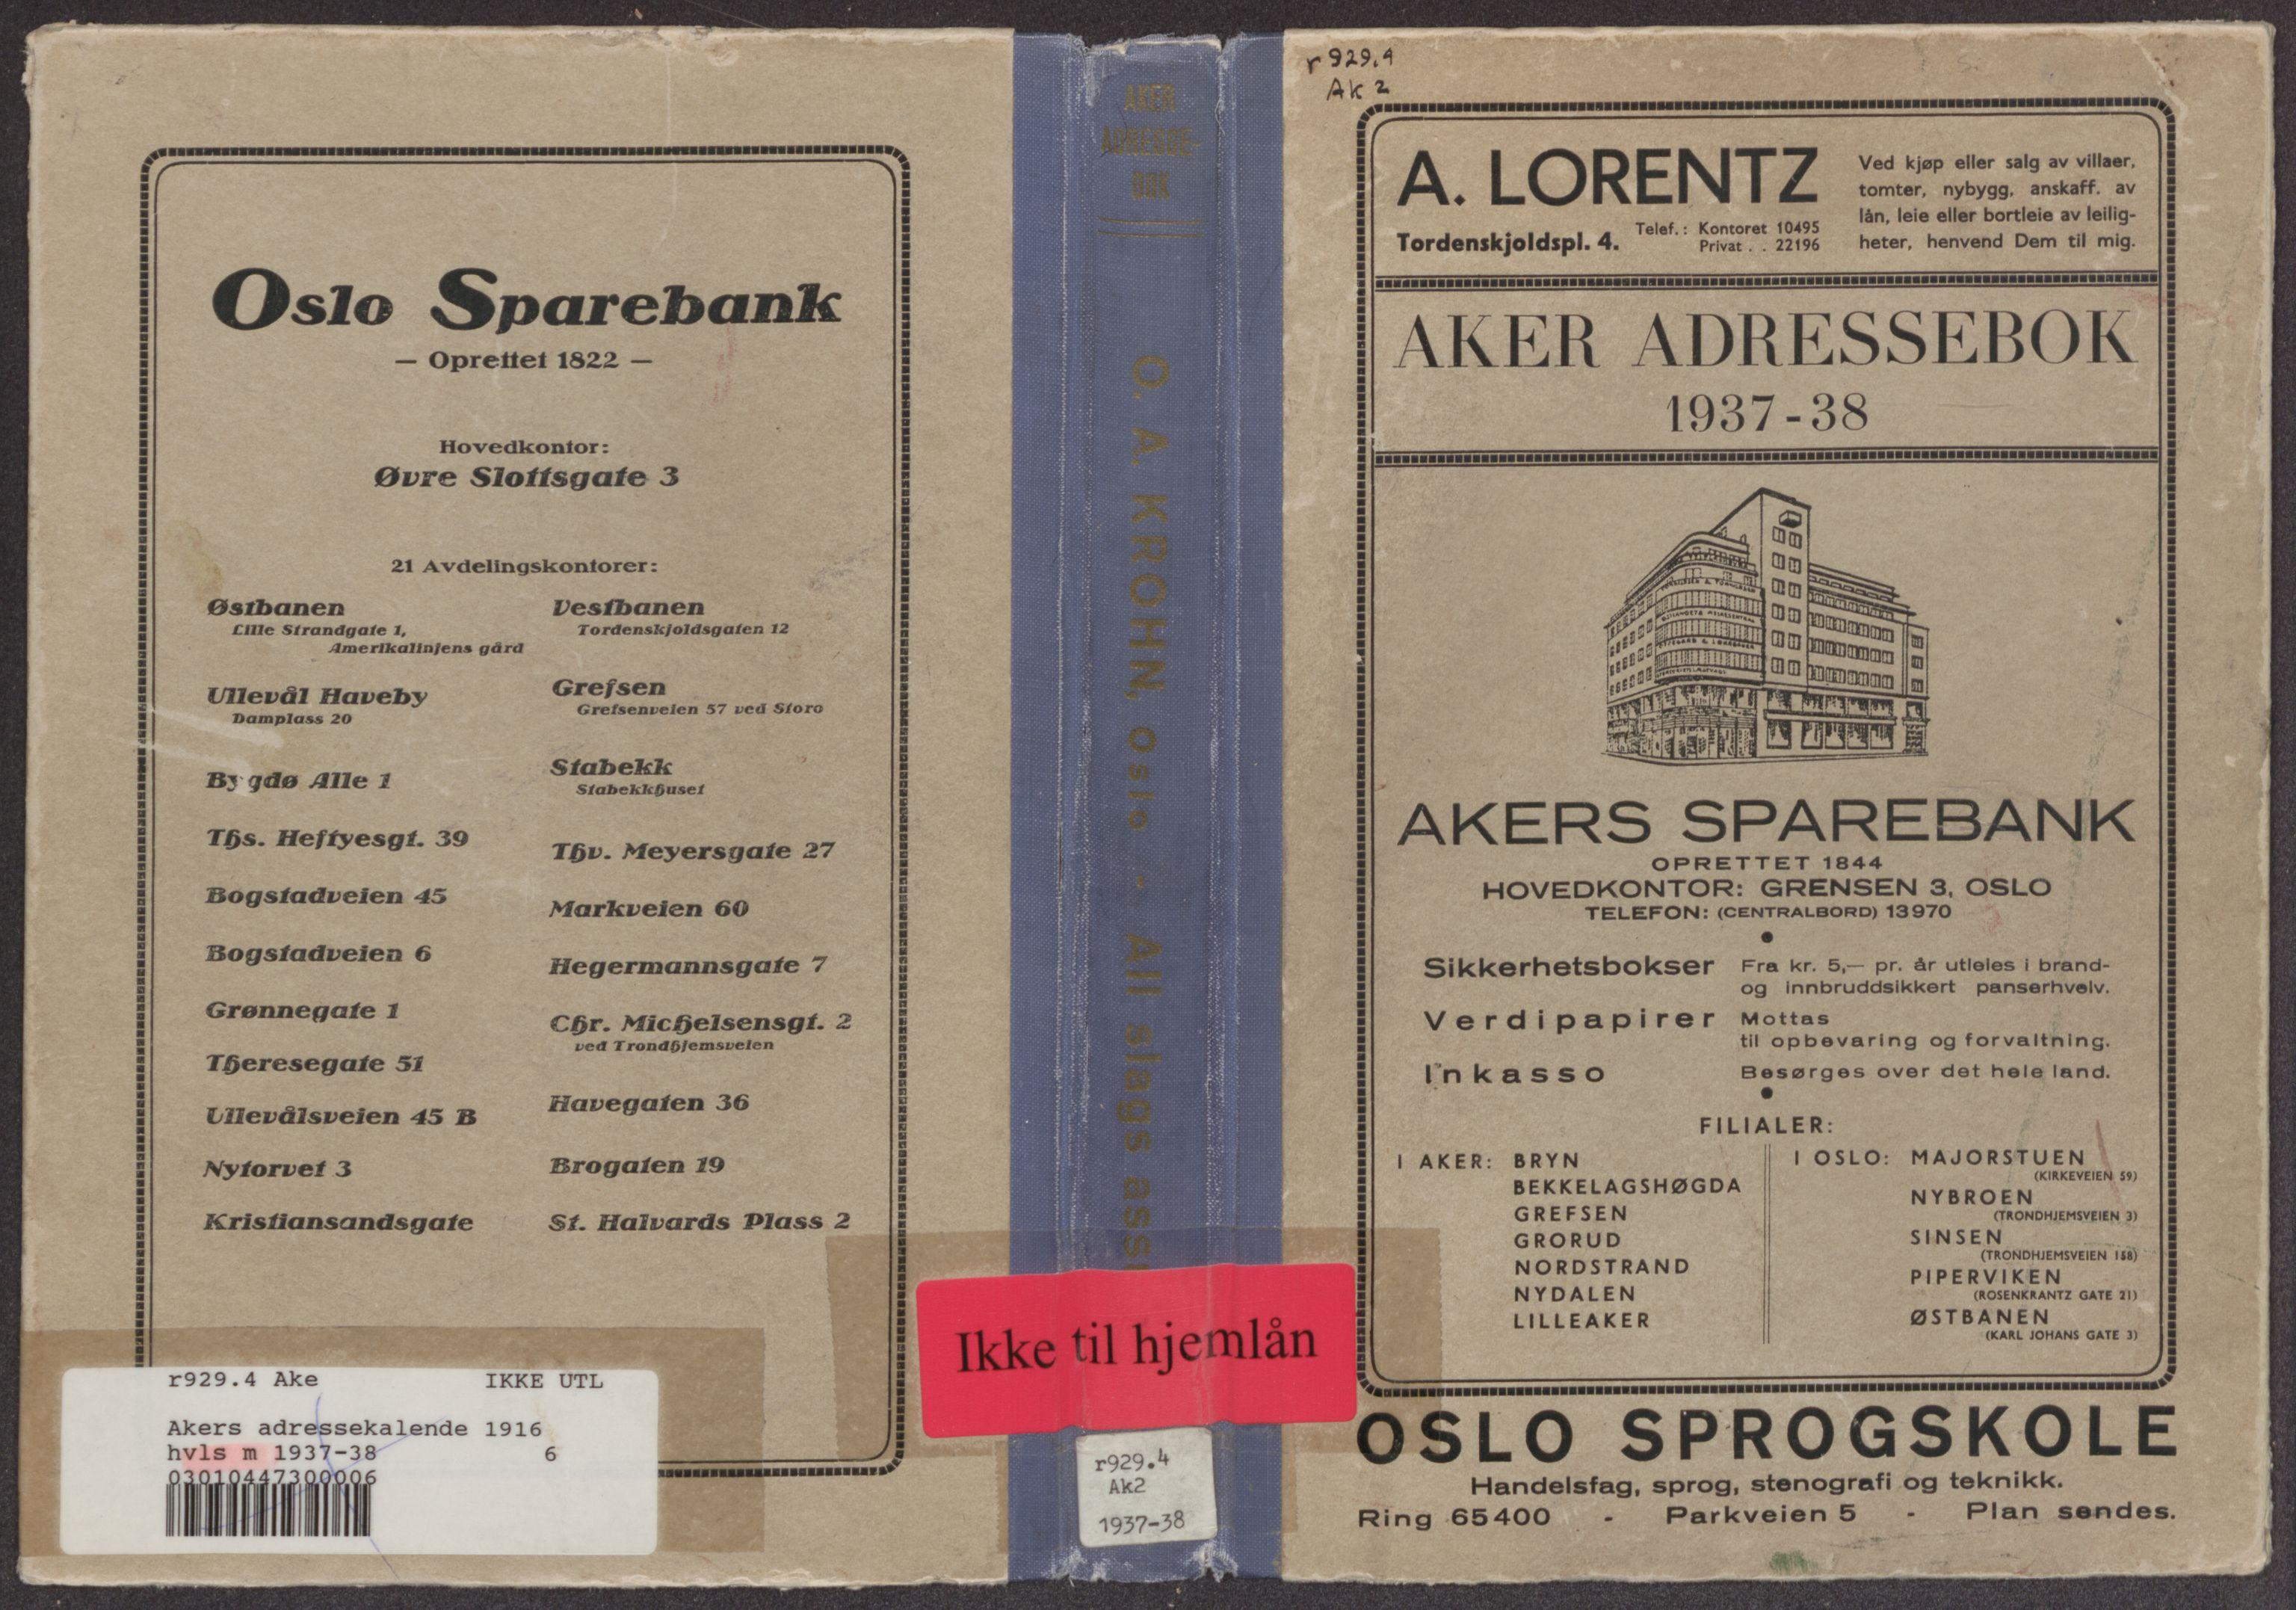 RA, Aker adressebok/adressekalender (publikasjon)*, 1937-1938